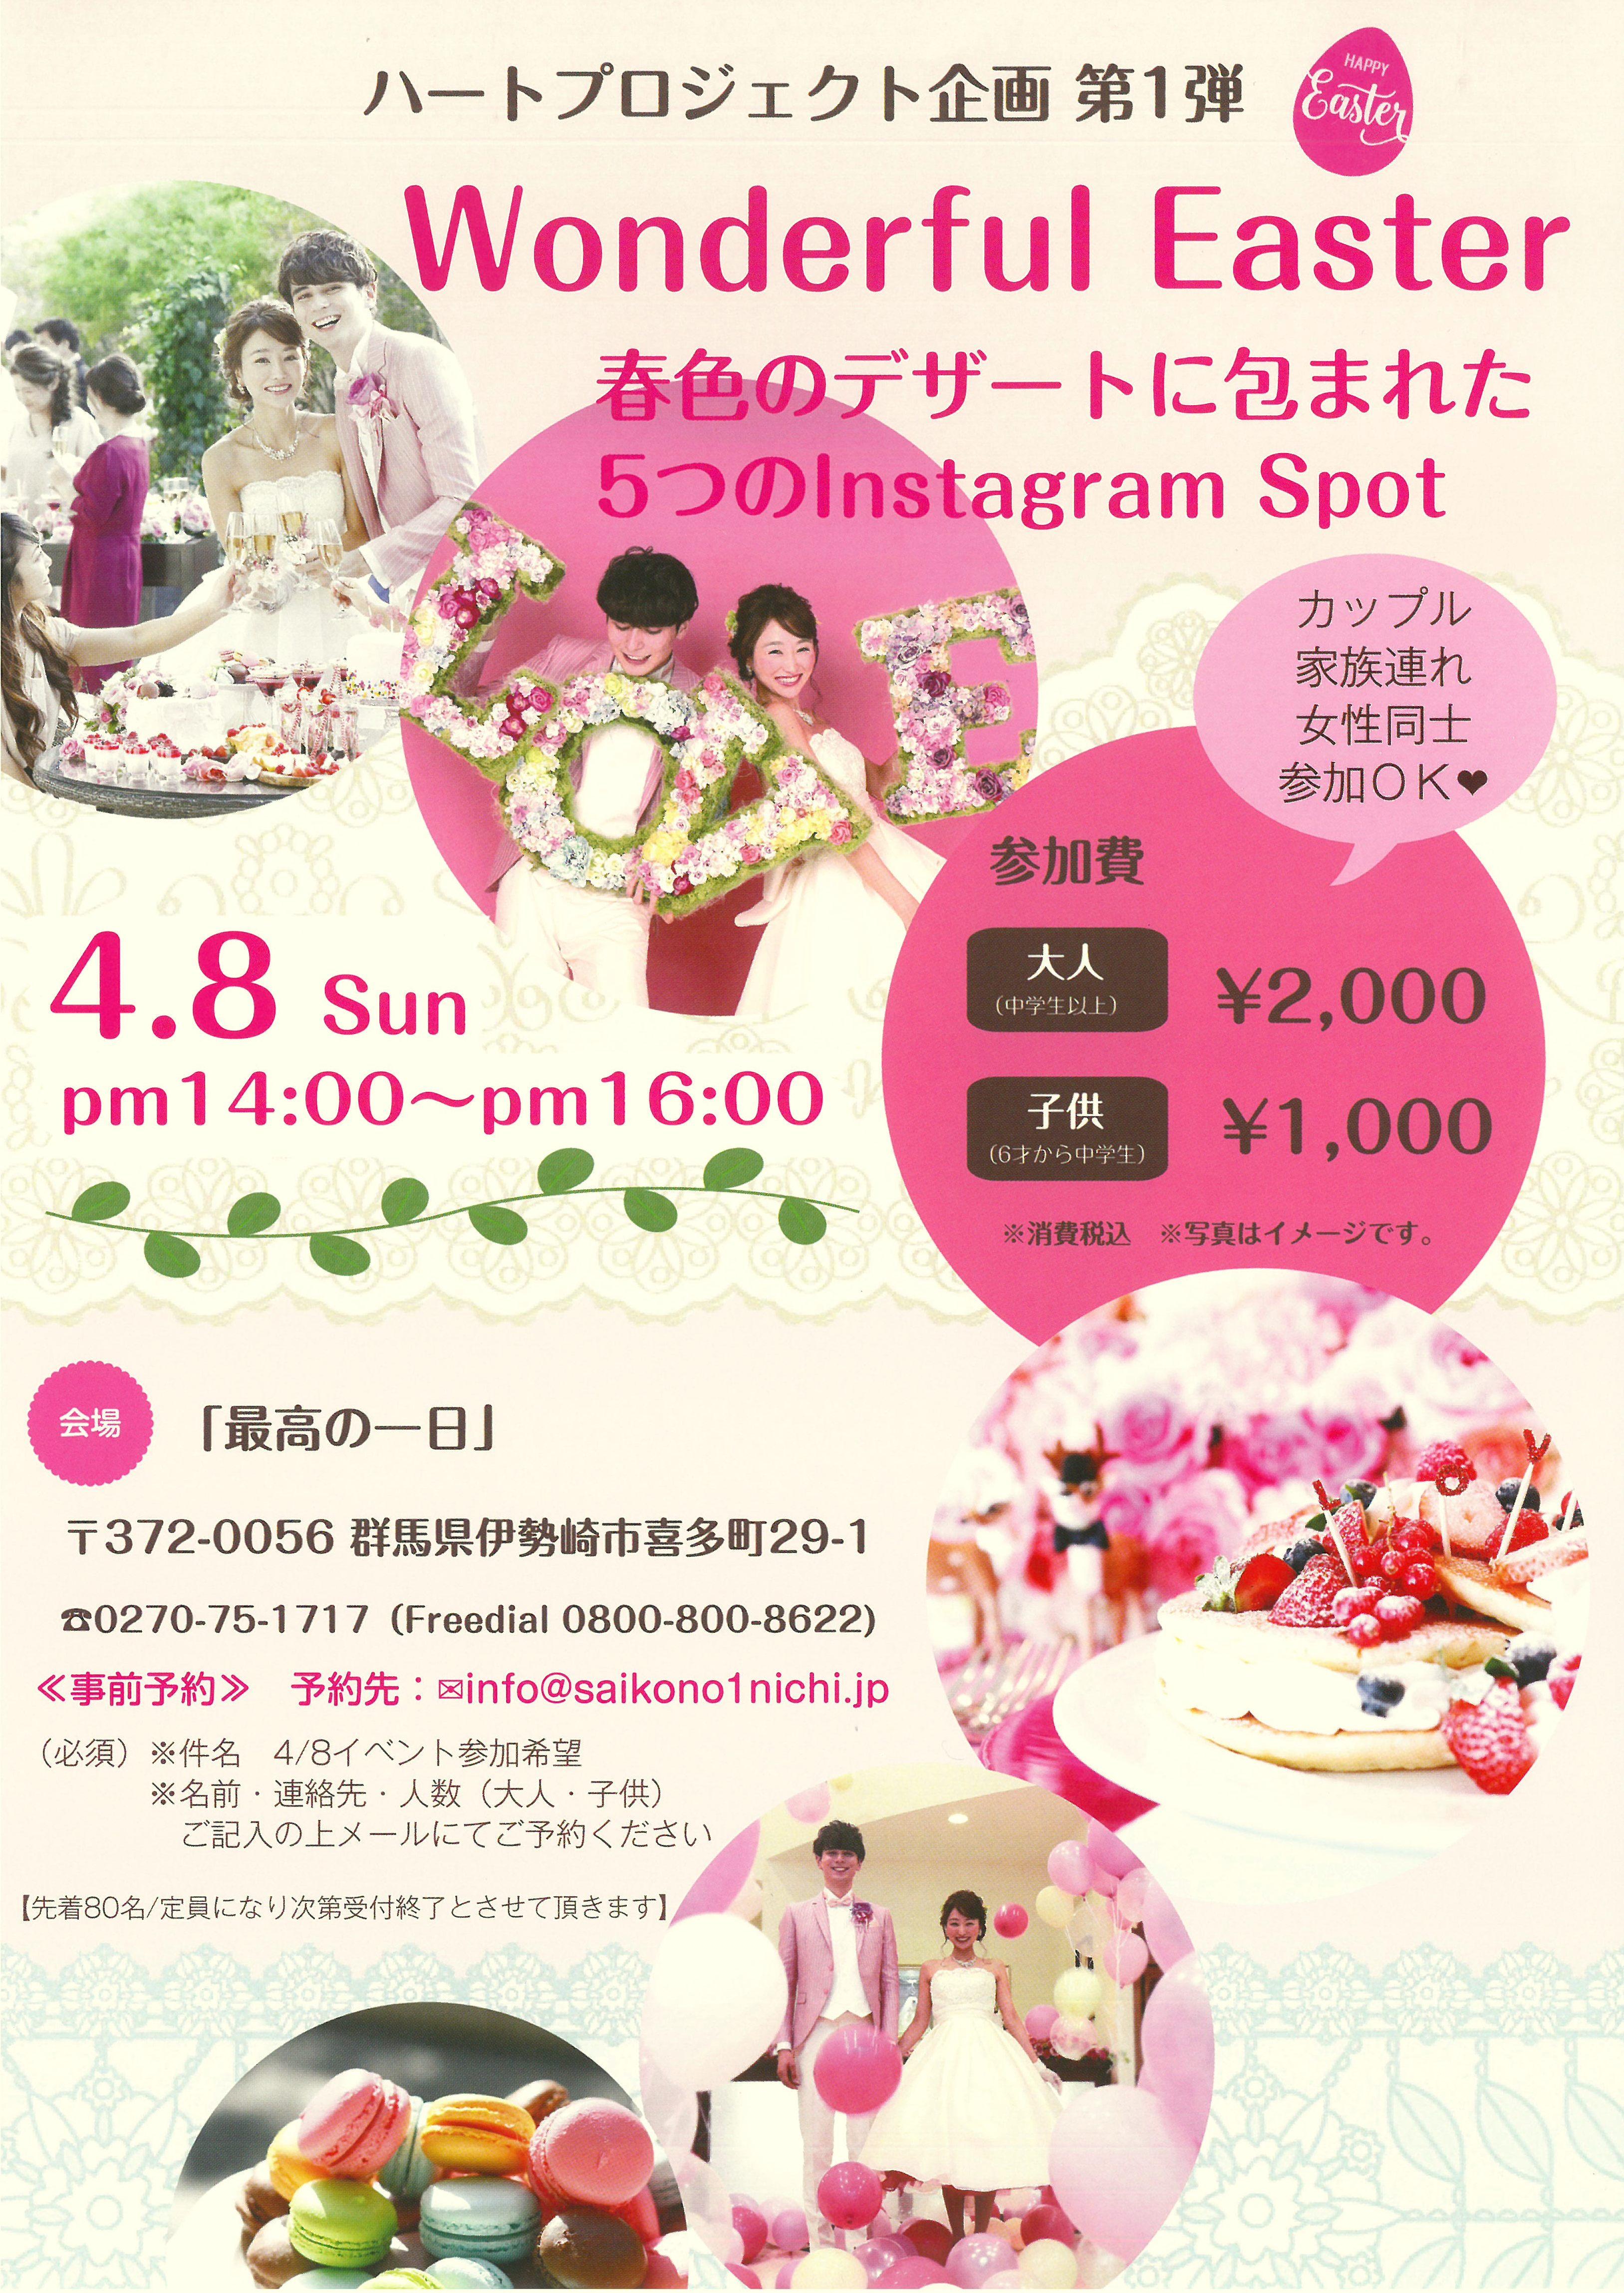 【「最高の一日」イベント告知】4月8日(日)『Wonderful Easter』開催!